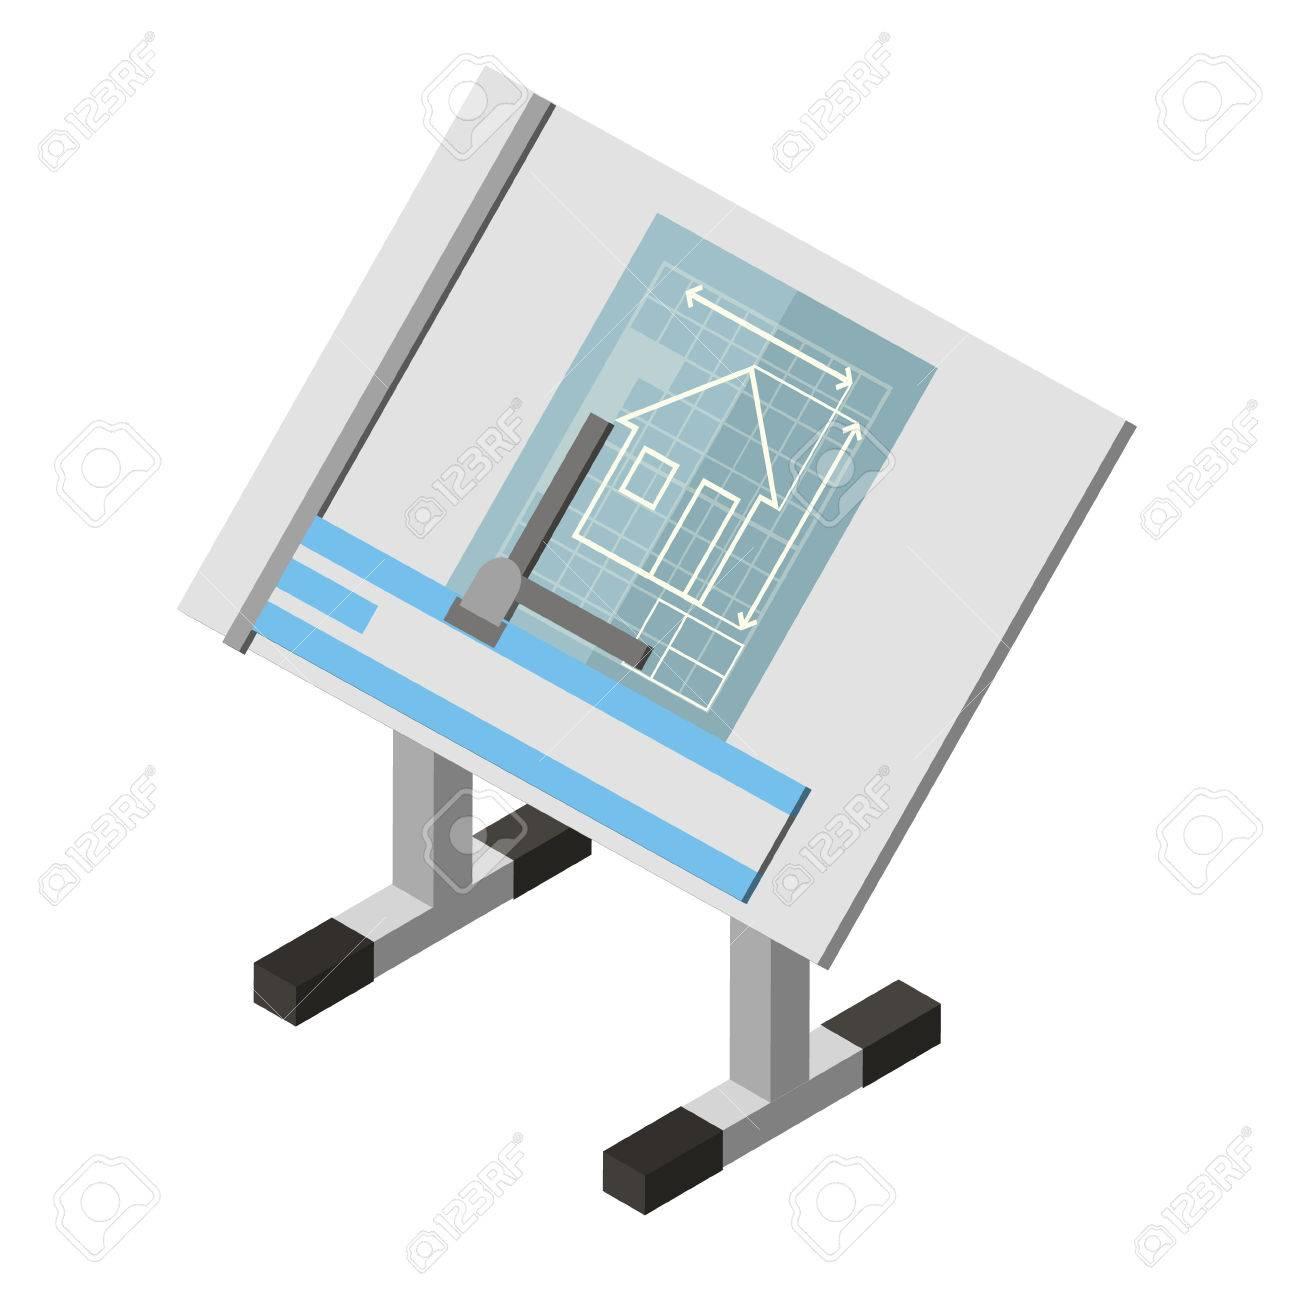 tableau architecture tableau architecture moderne jaune farnsworth projection ingnieur tableau maison darchitecture dessin isomtrique icne banque - Architecture Moderne Maison Dessin